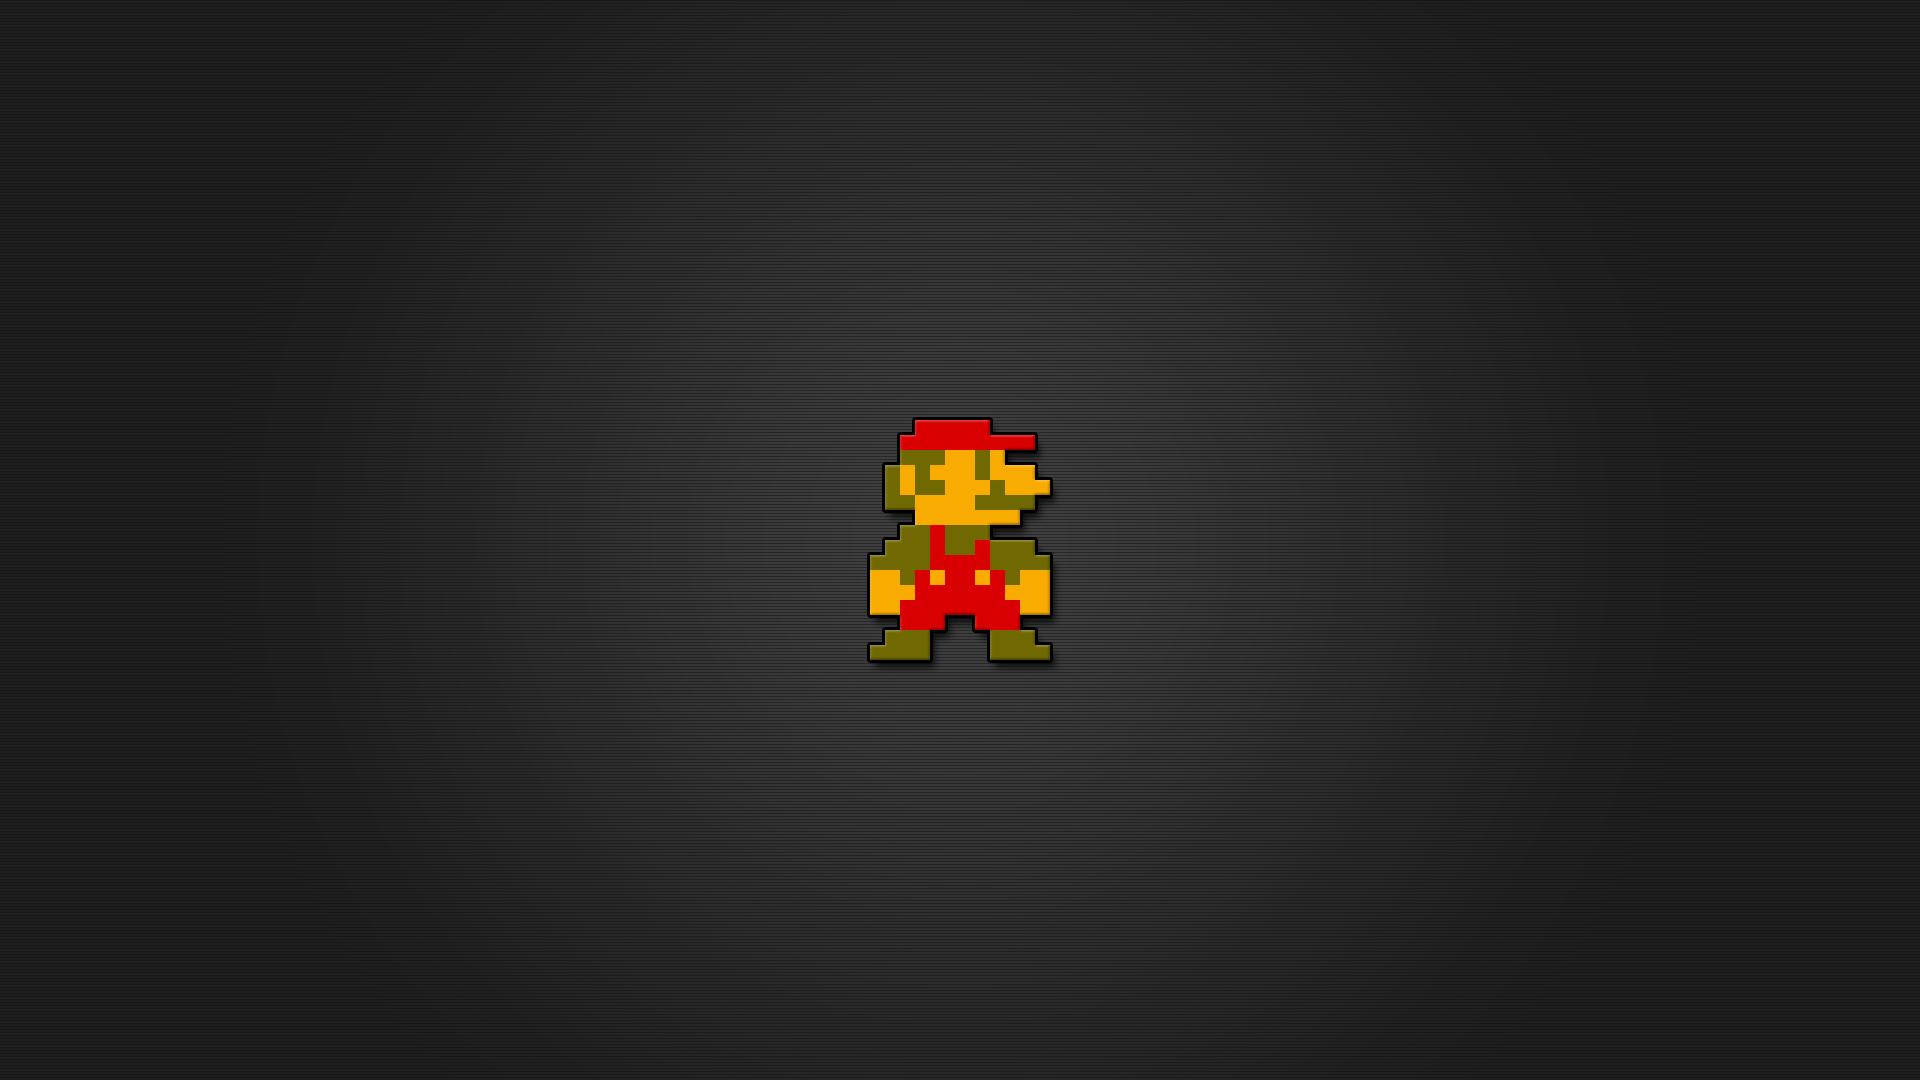 Super Mario HD Wallpaper - HD Wallpapers